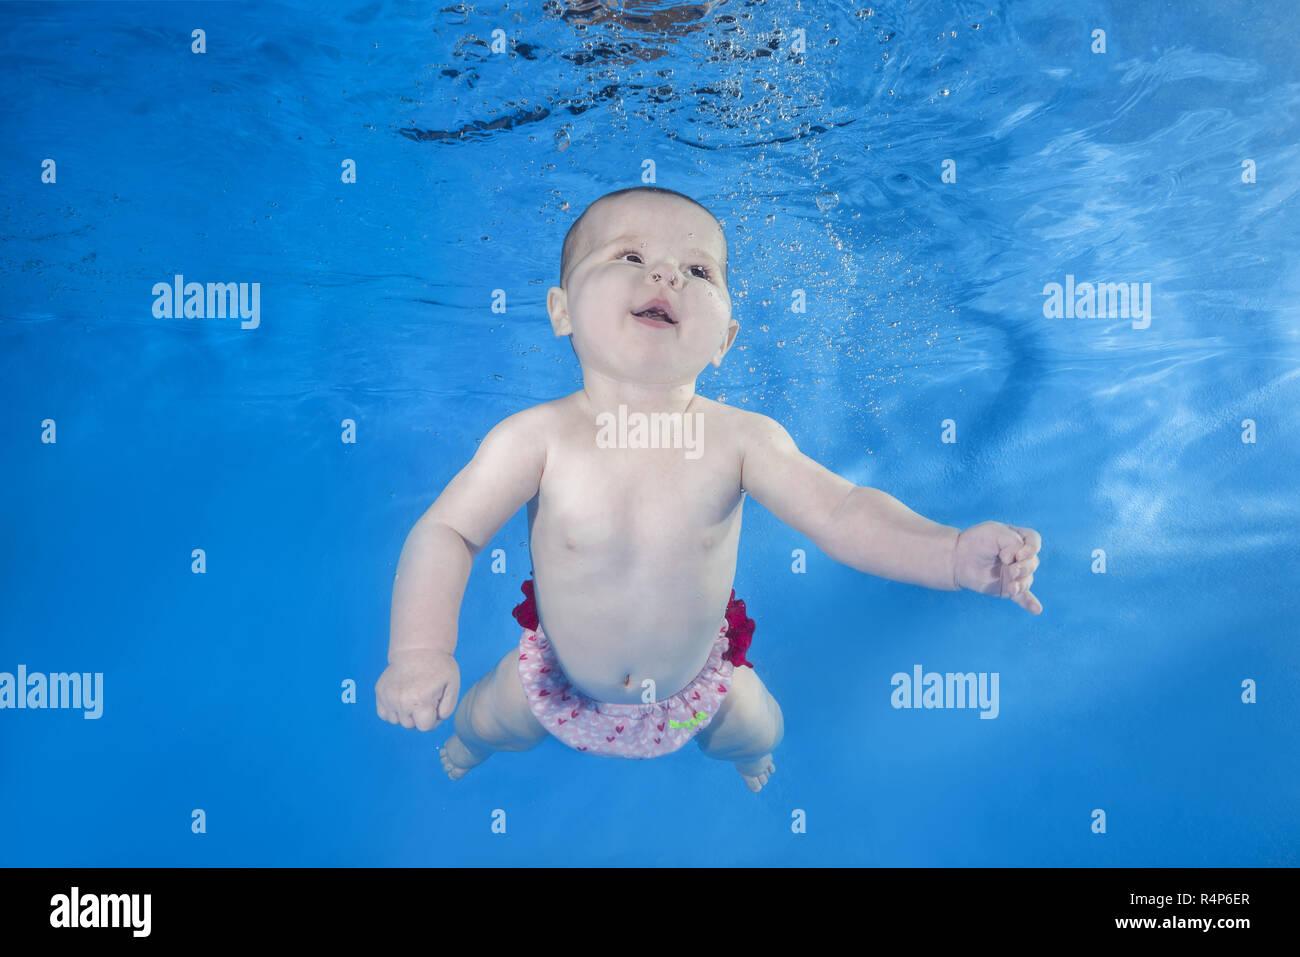 November 17, 2018 - Odessa, Ukraine, Europa - Baby lernt, schwimmt unter Wasser im Pool auf einem blauen Wasser Hintergrund. Gesunde Familie Lifestyle und Kinder Wassersport Aktivitäten. (Bild: © Andrey Nekrasov/ZUMA Draht) Stockbild